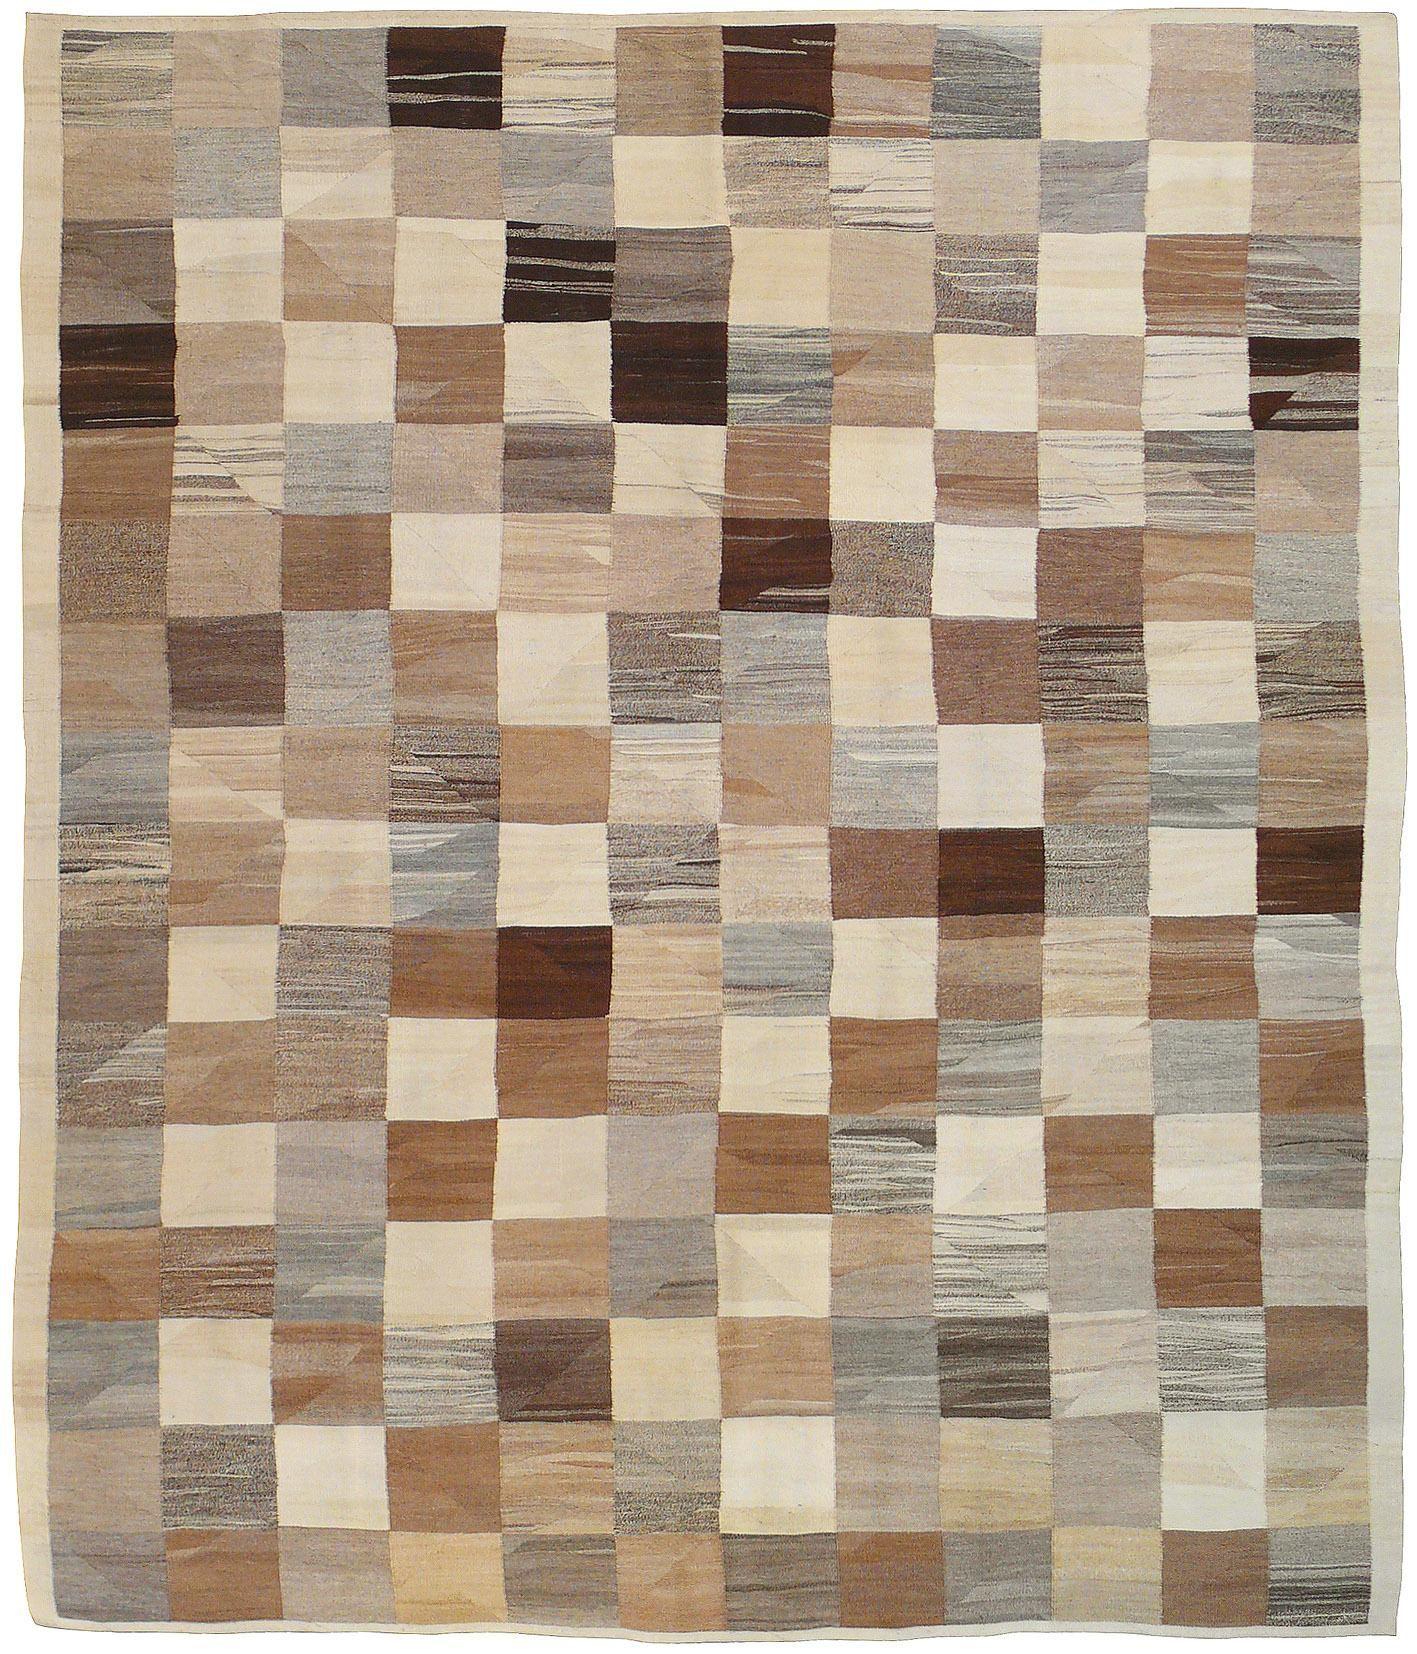 Modern Carpet Pattern Texture Nasiri's modern persian rugs